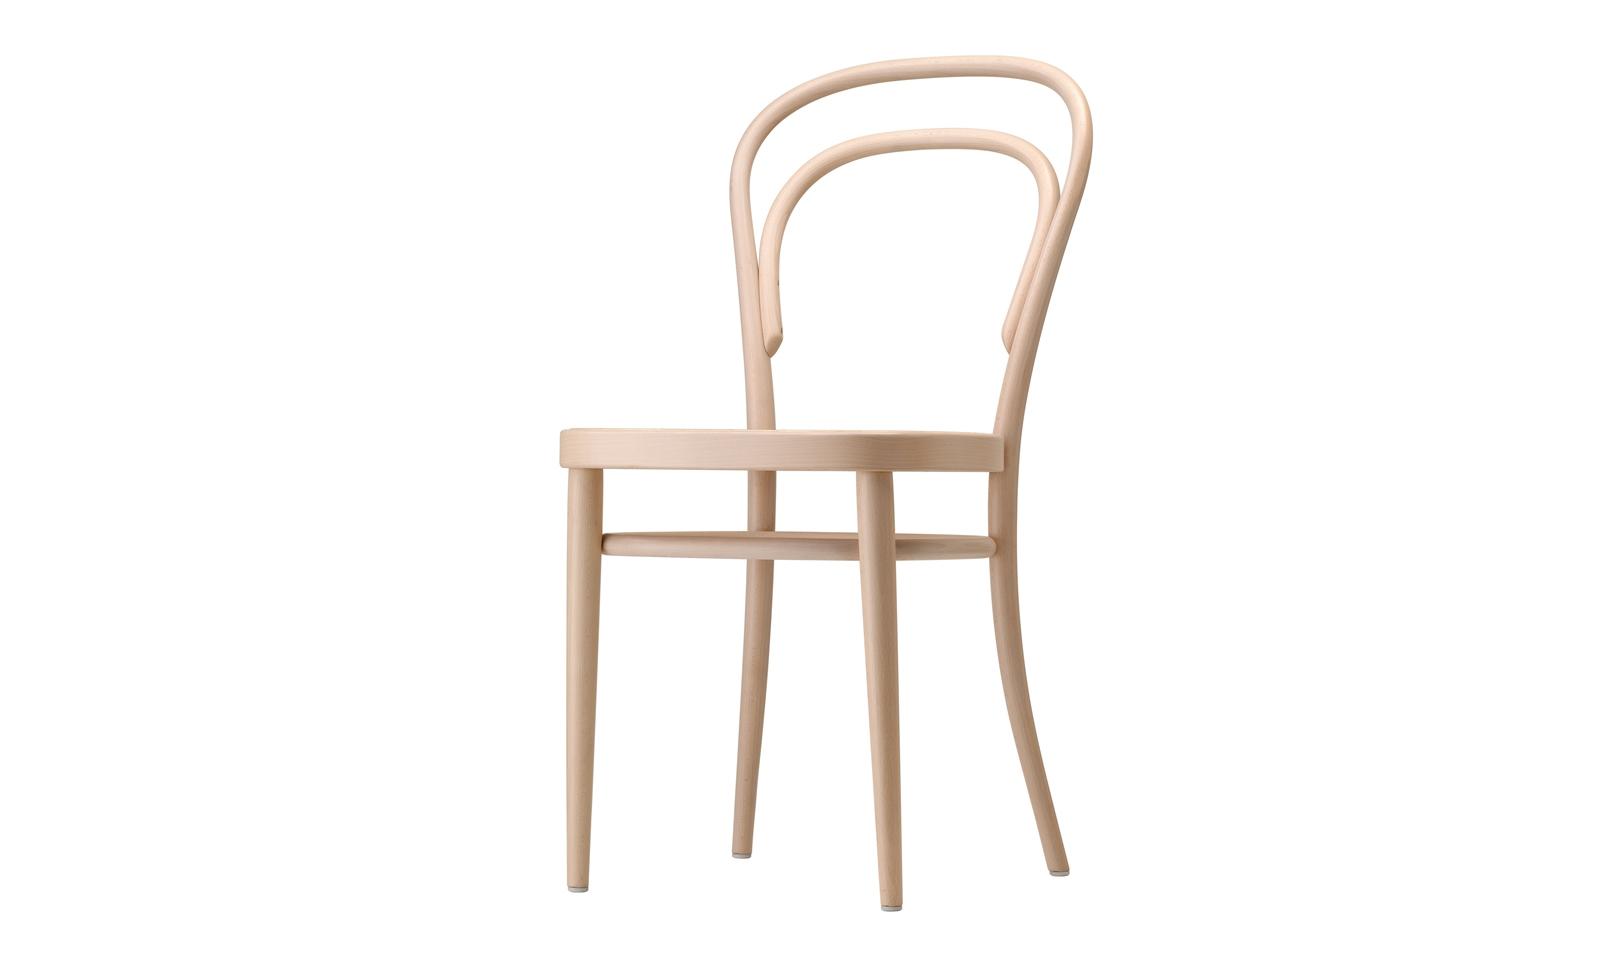 bureau-des-recommandations-chair-thonet-214.jpg